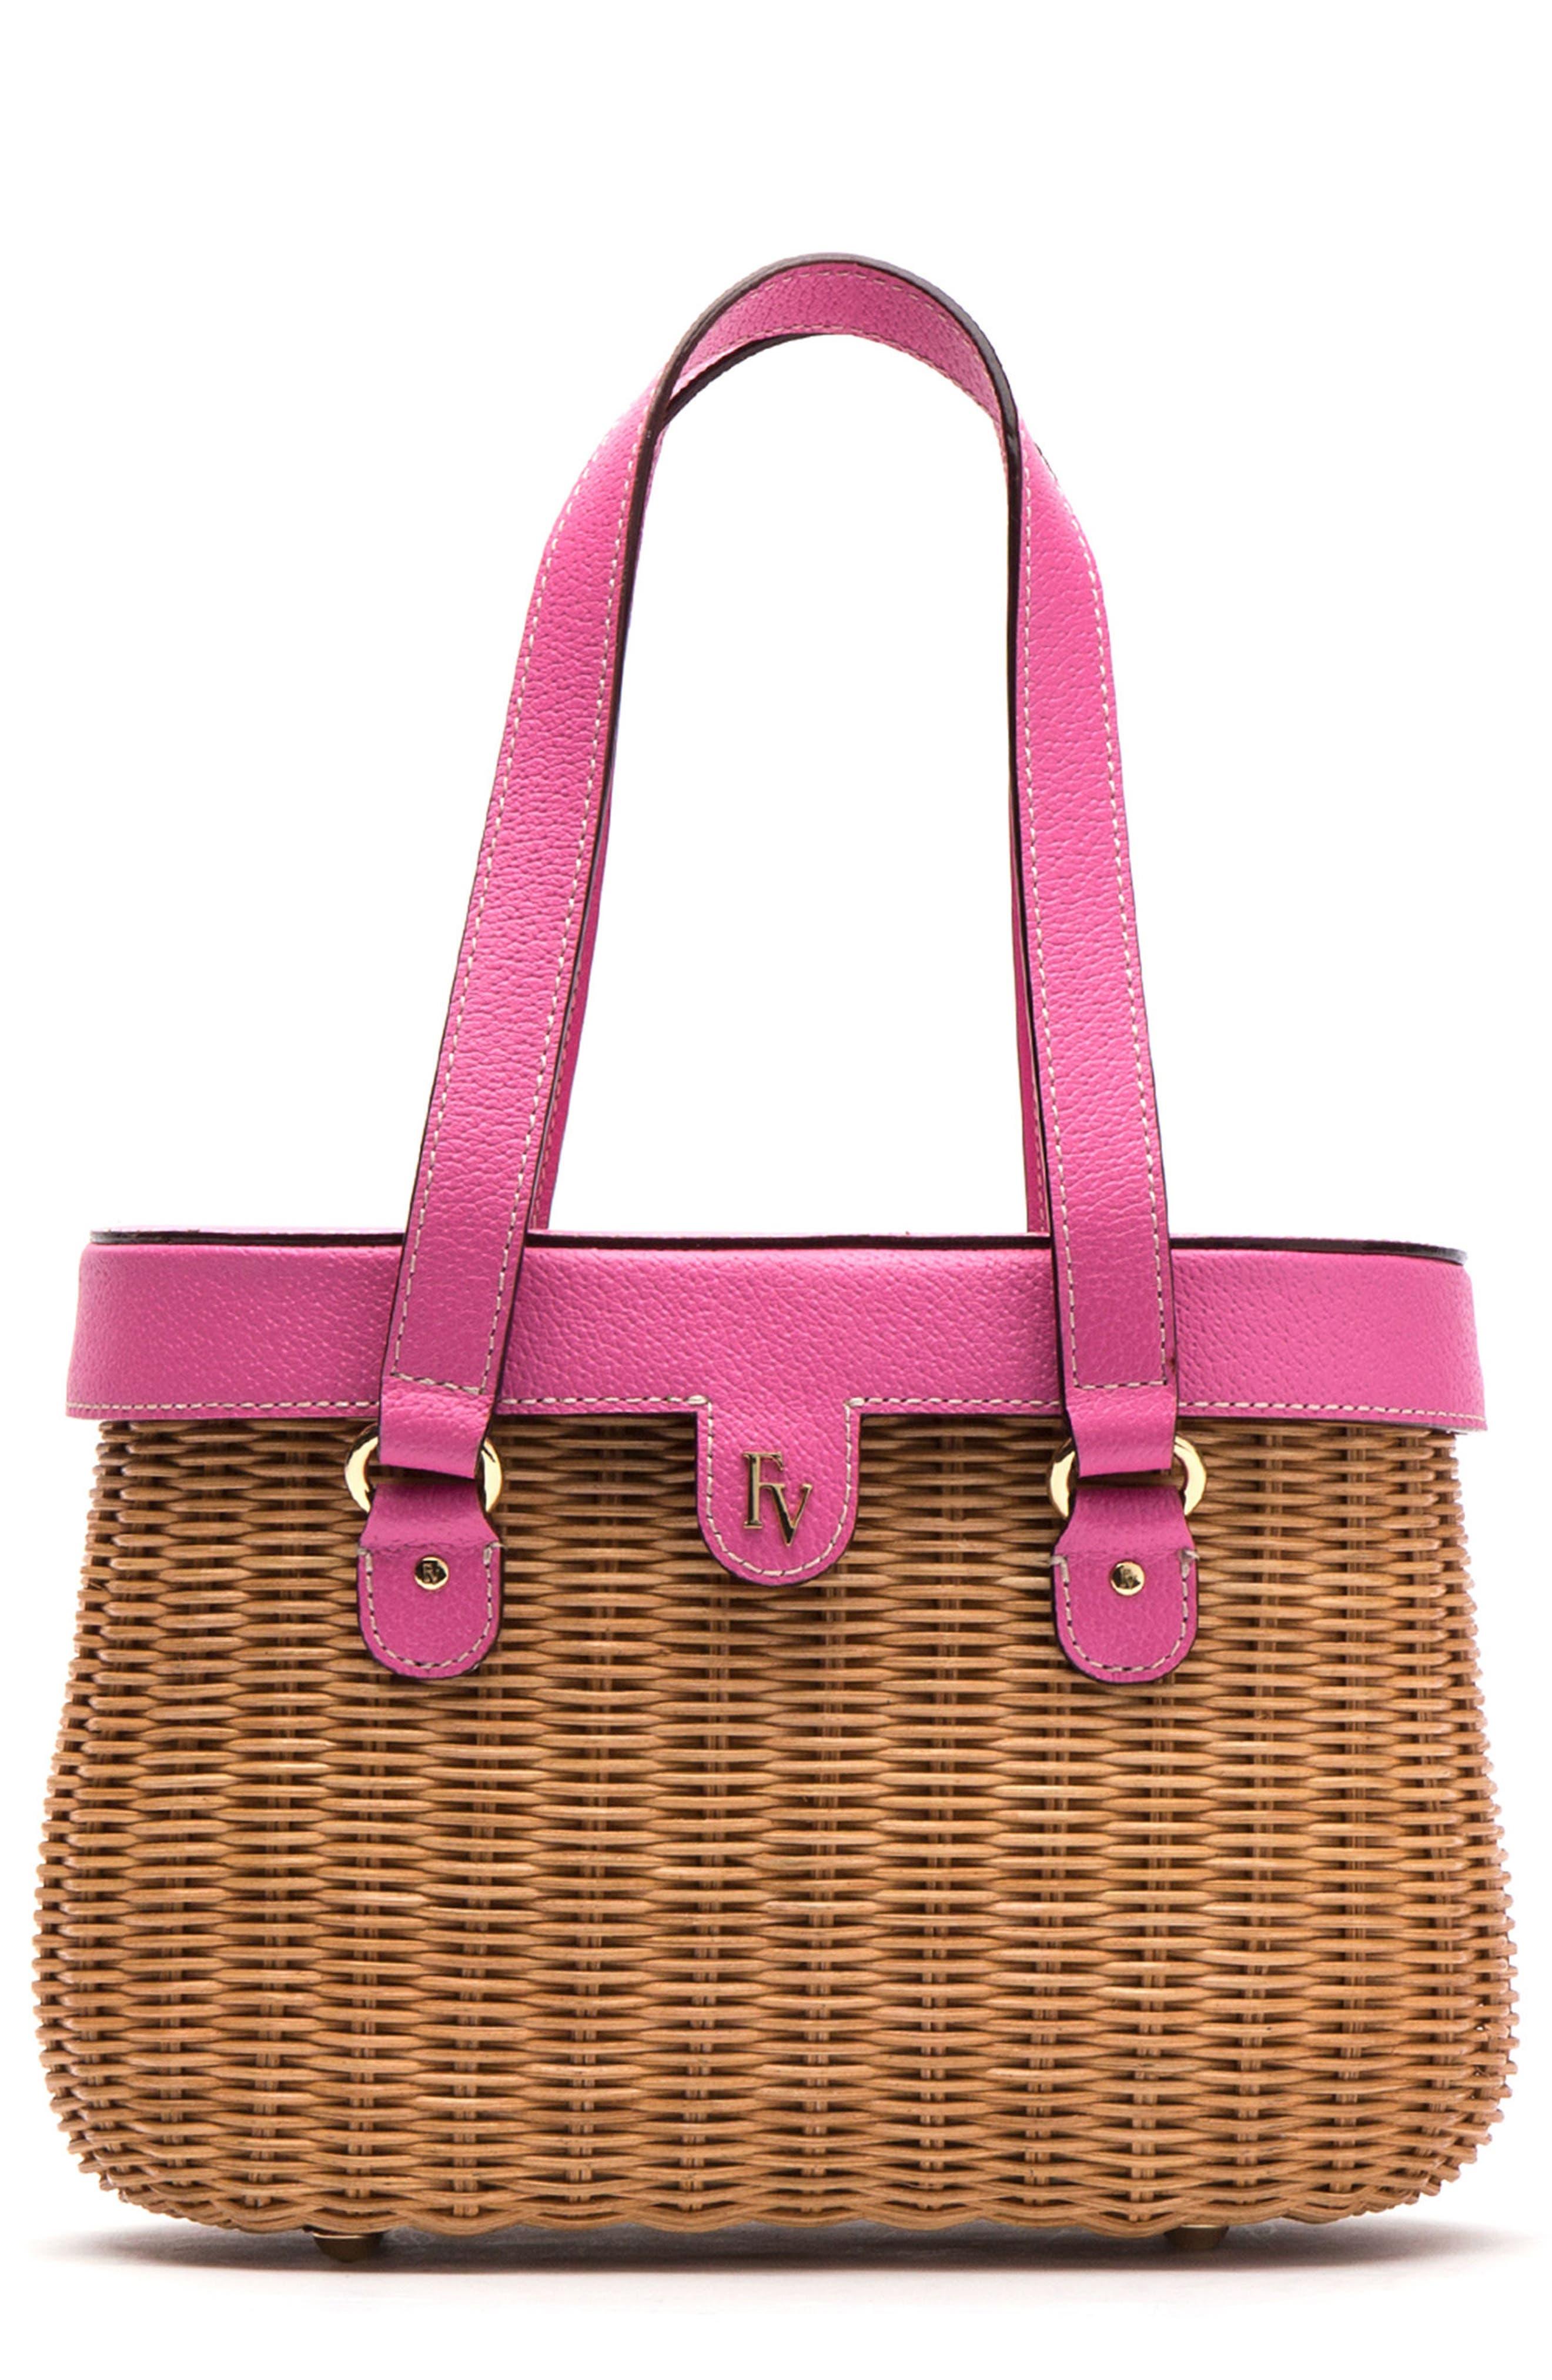 Alternate Image 1 Selected - Frances Valentine Wicker Basket Shoulder Bag